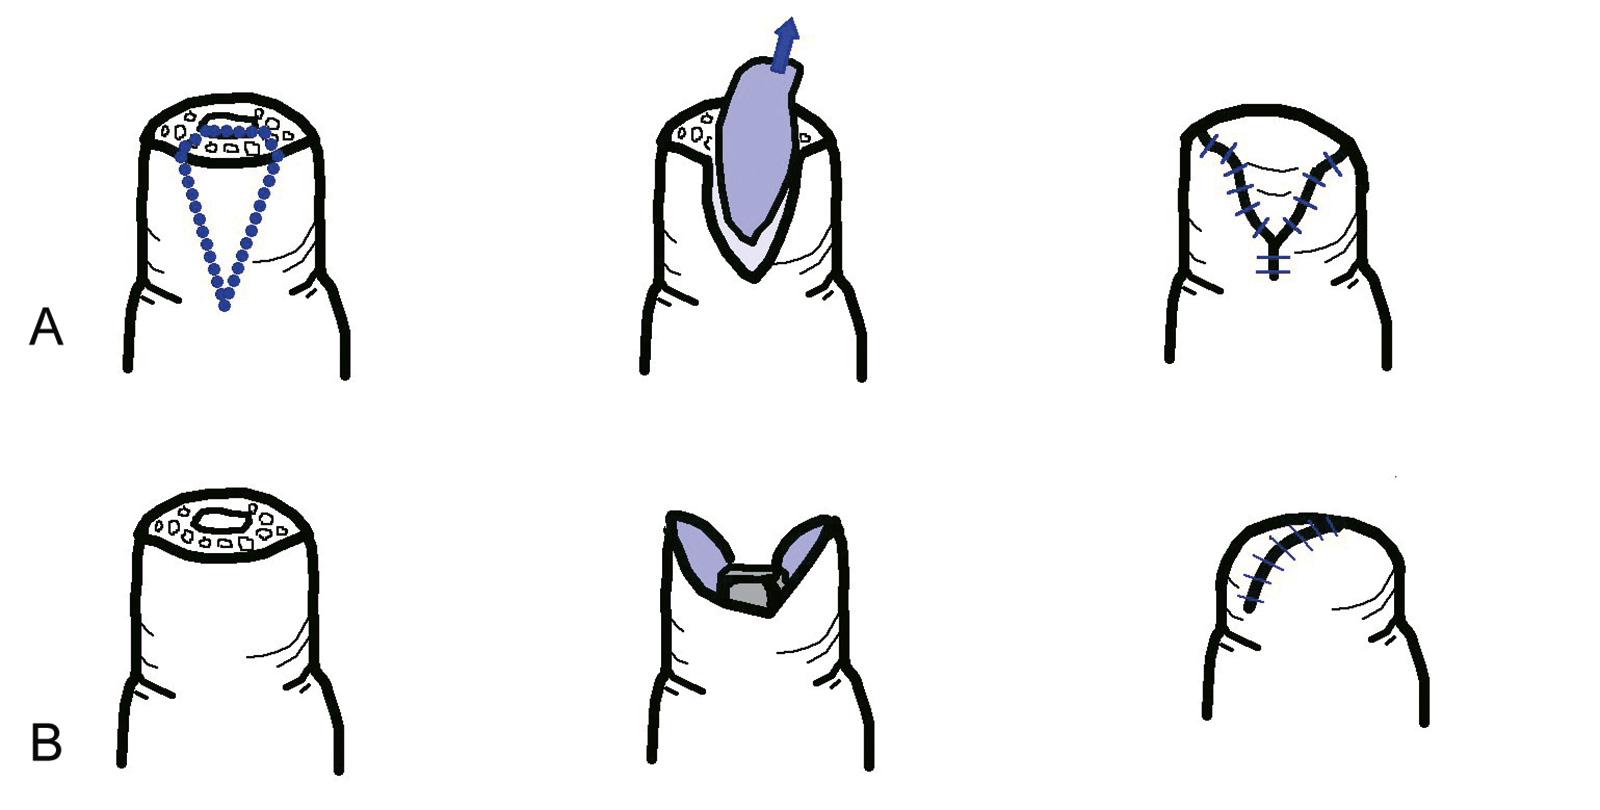 Abb. 7-2: Deckung des Defekts mit einer V-Y-Plastik der palmaren Haut, ähnlich erfolgt die Kutler Lappenplastik mit jeweils einem medialen und lateralen Lappen (A). Direkter Defektverschluss mit einem palmaren und dorsalen Hautlappen (B)